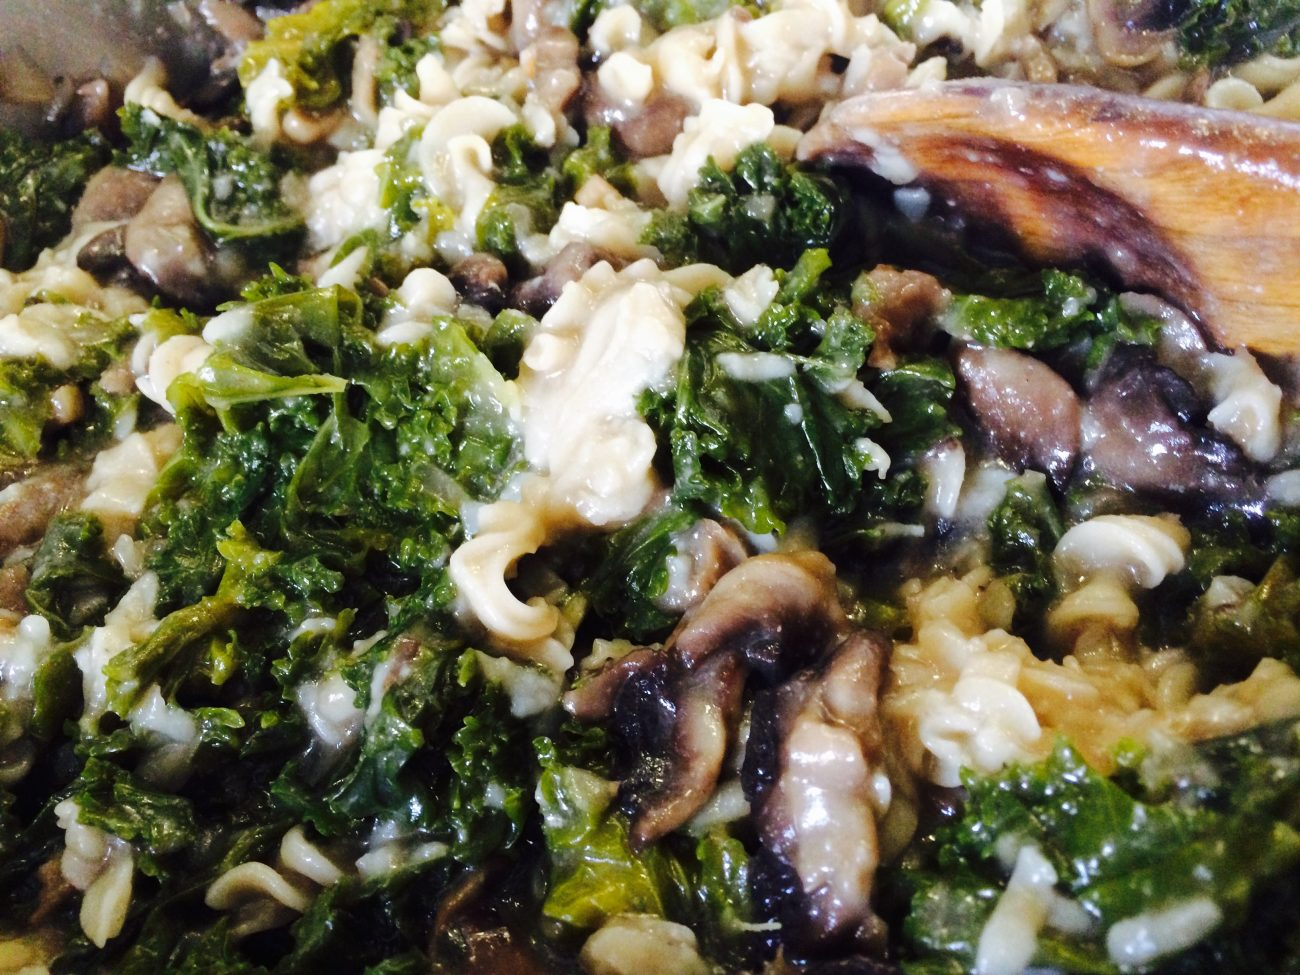 Καπνιστές… χυλοπίτες με μανιτάρια και kale!